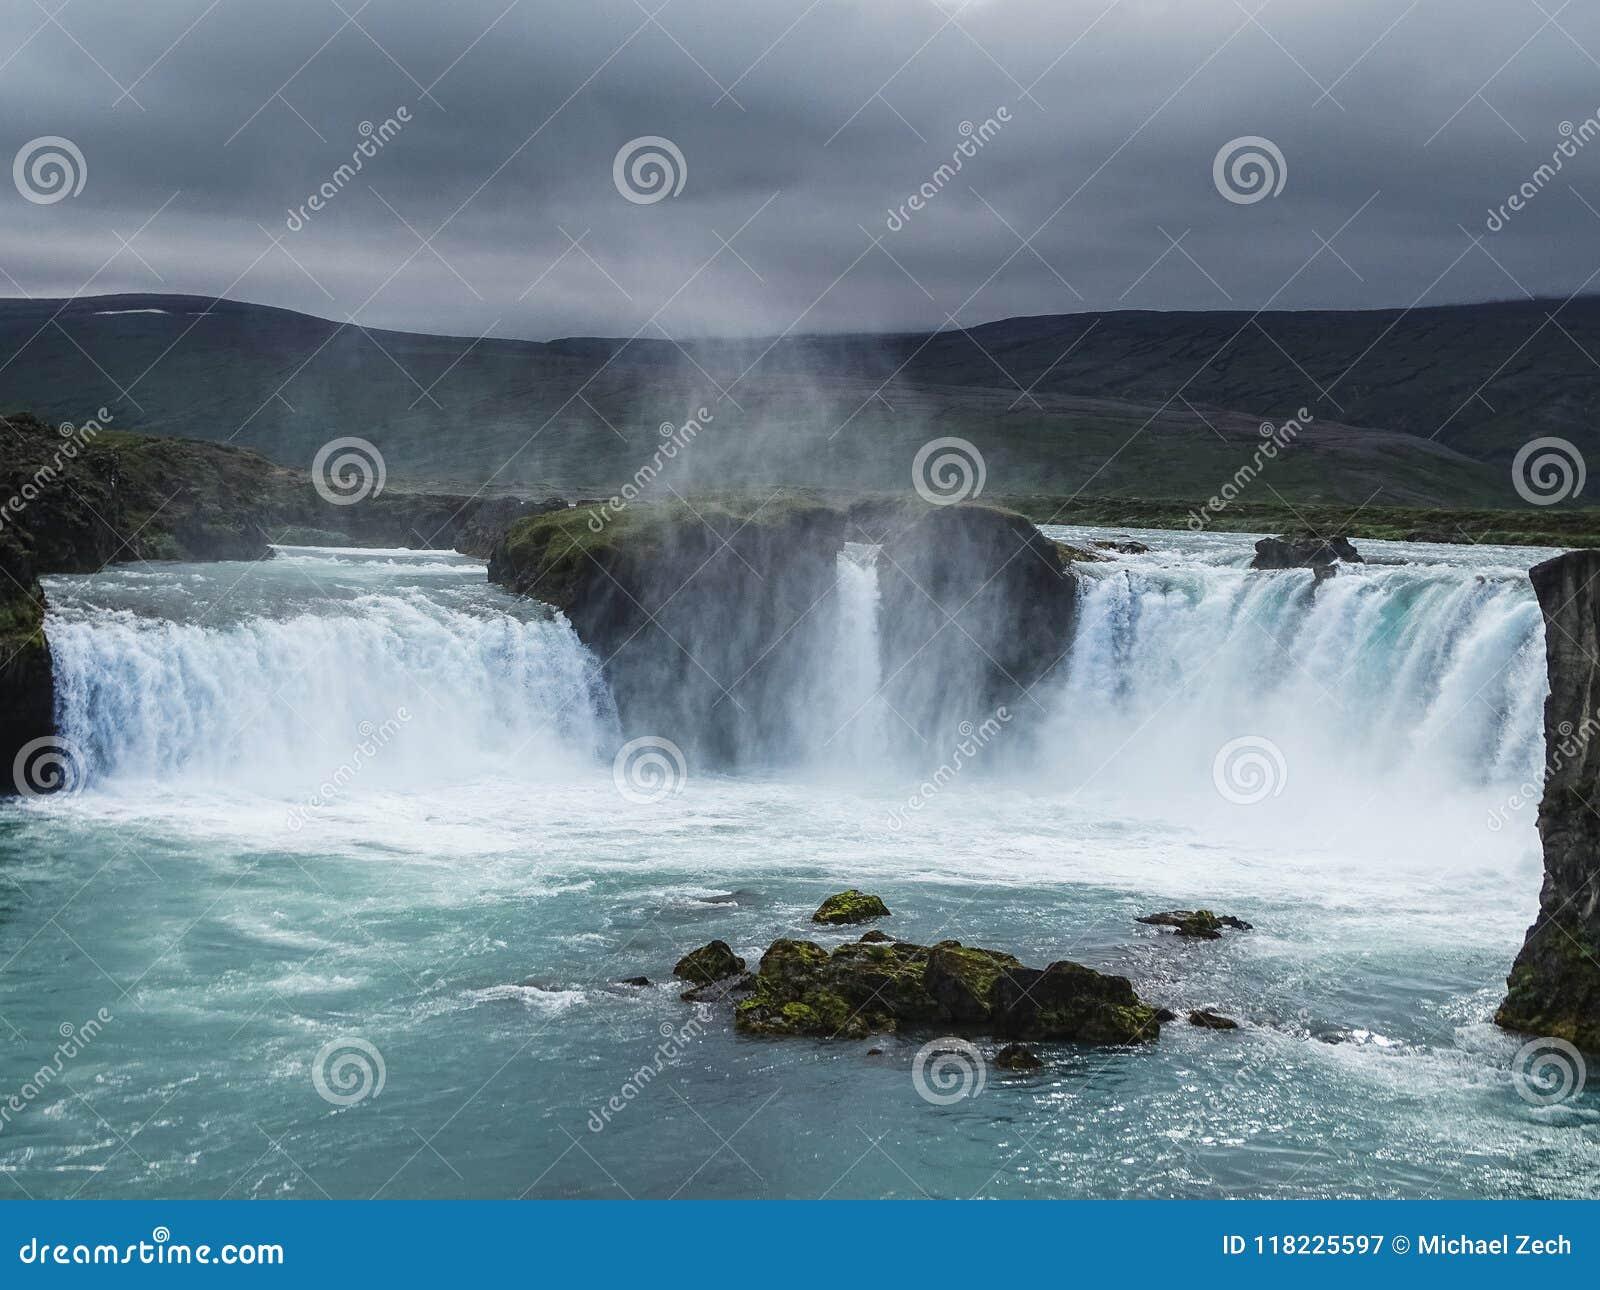 Berömda godafoss är en av de mest härliga vattenfallen på Iet